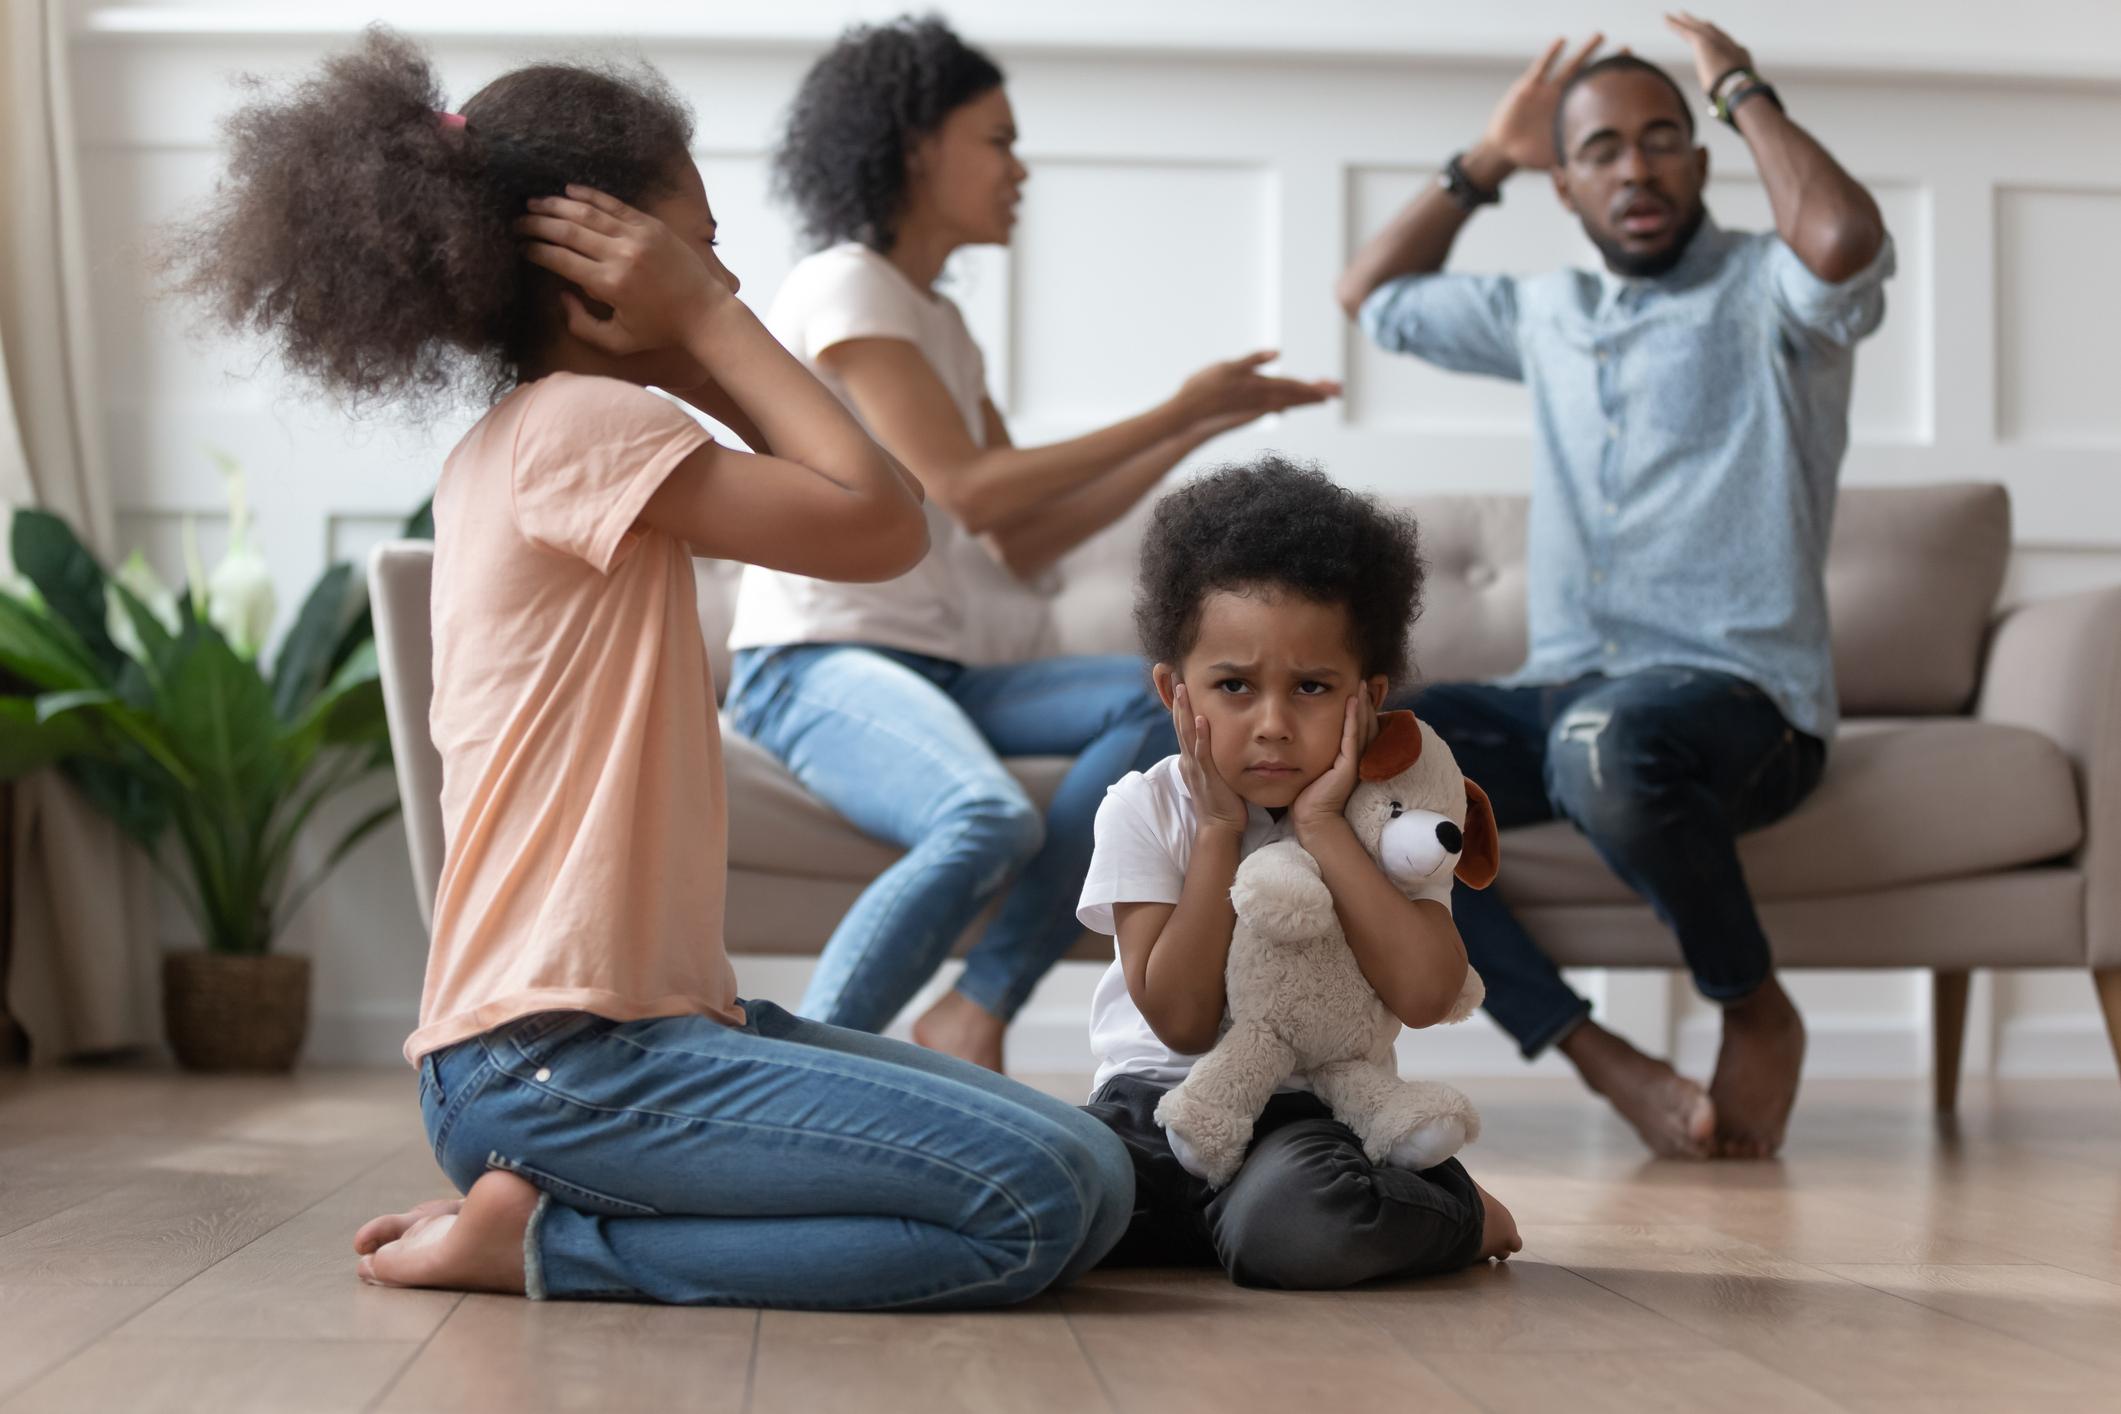 Polarized-parents-arguing